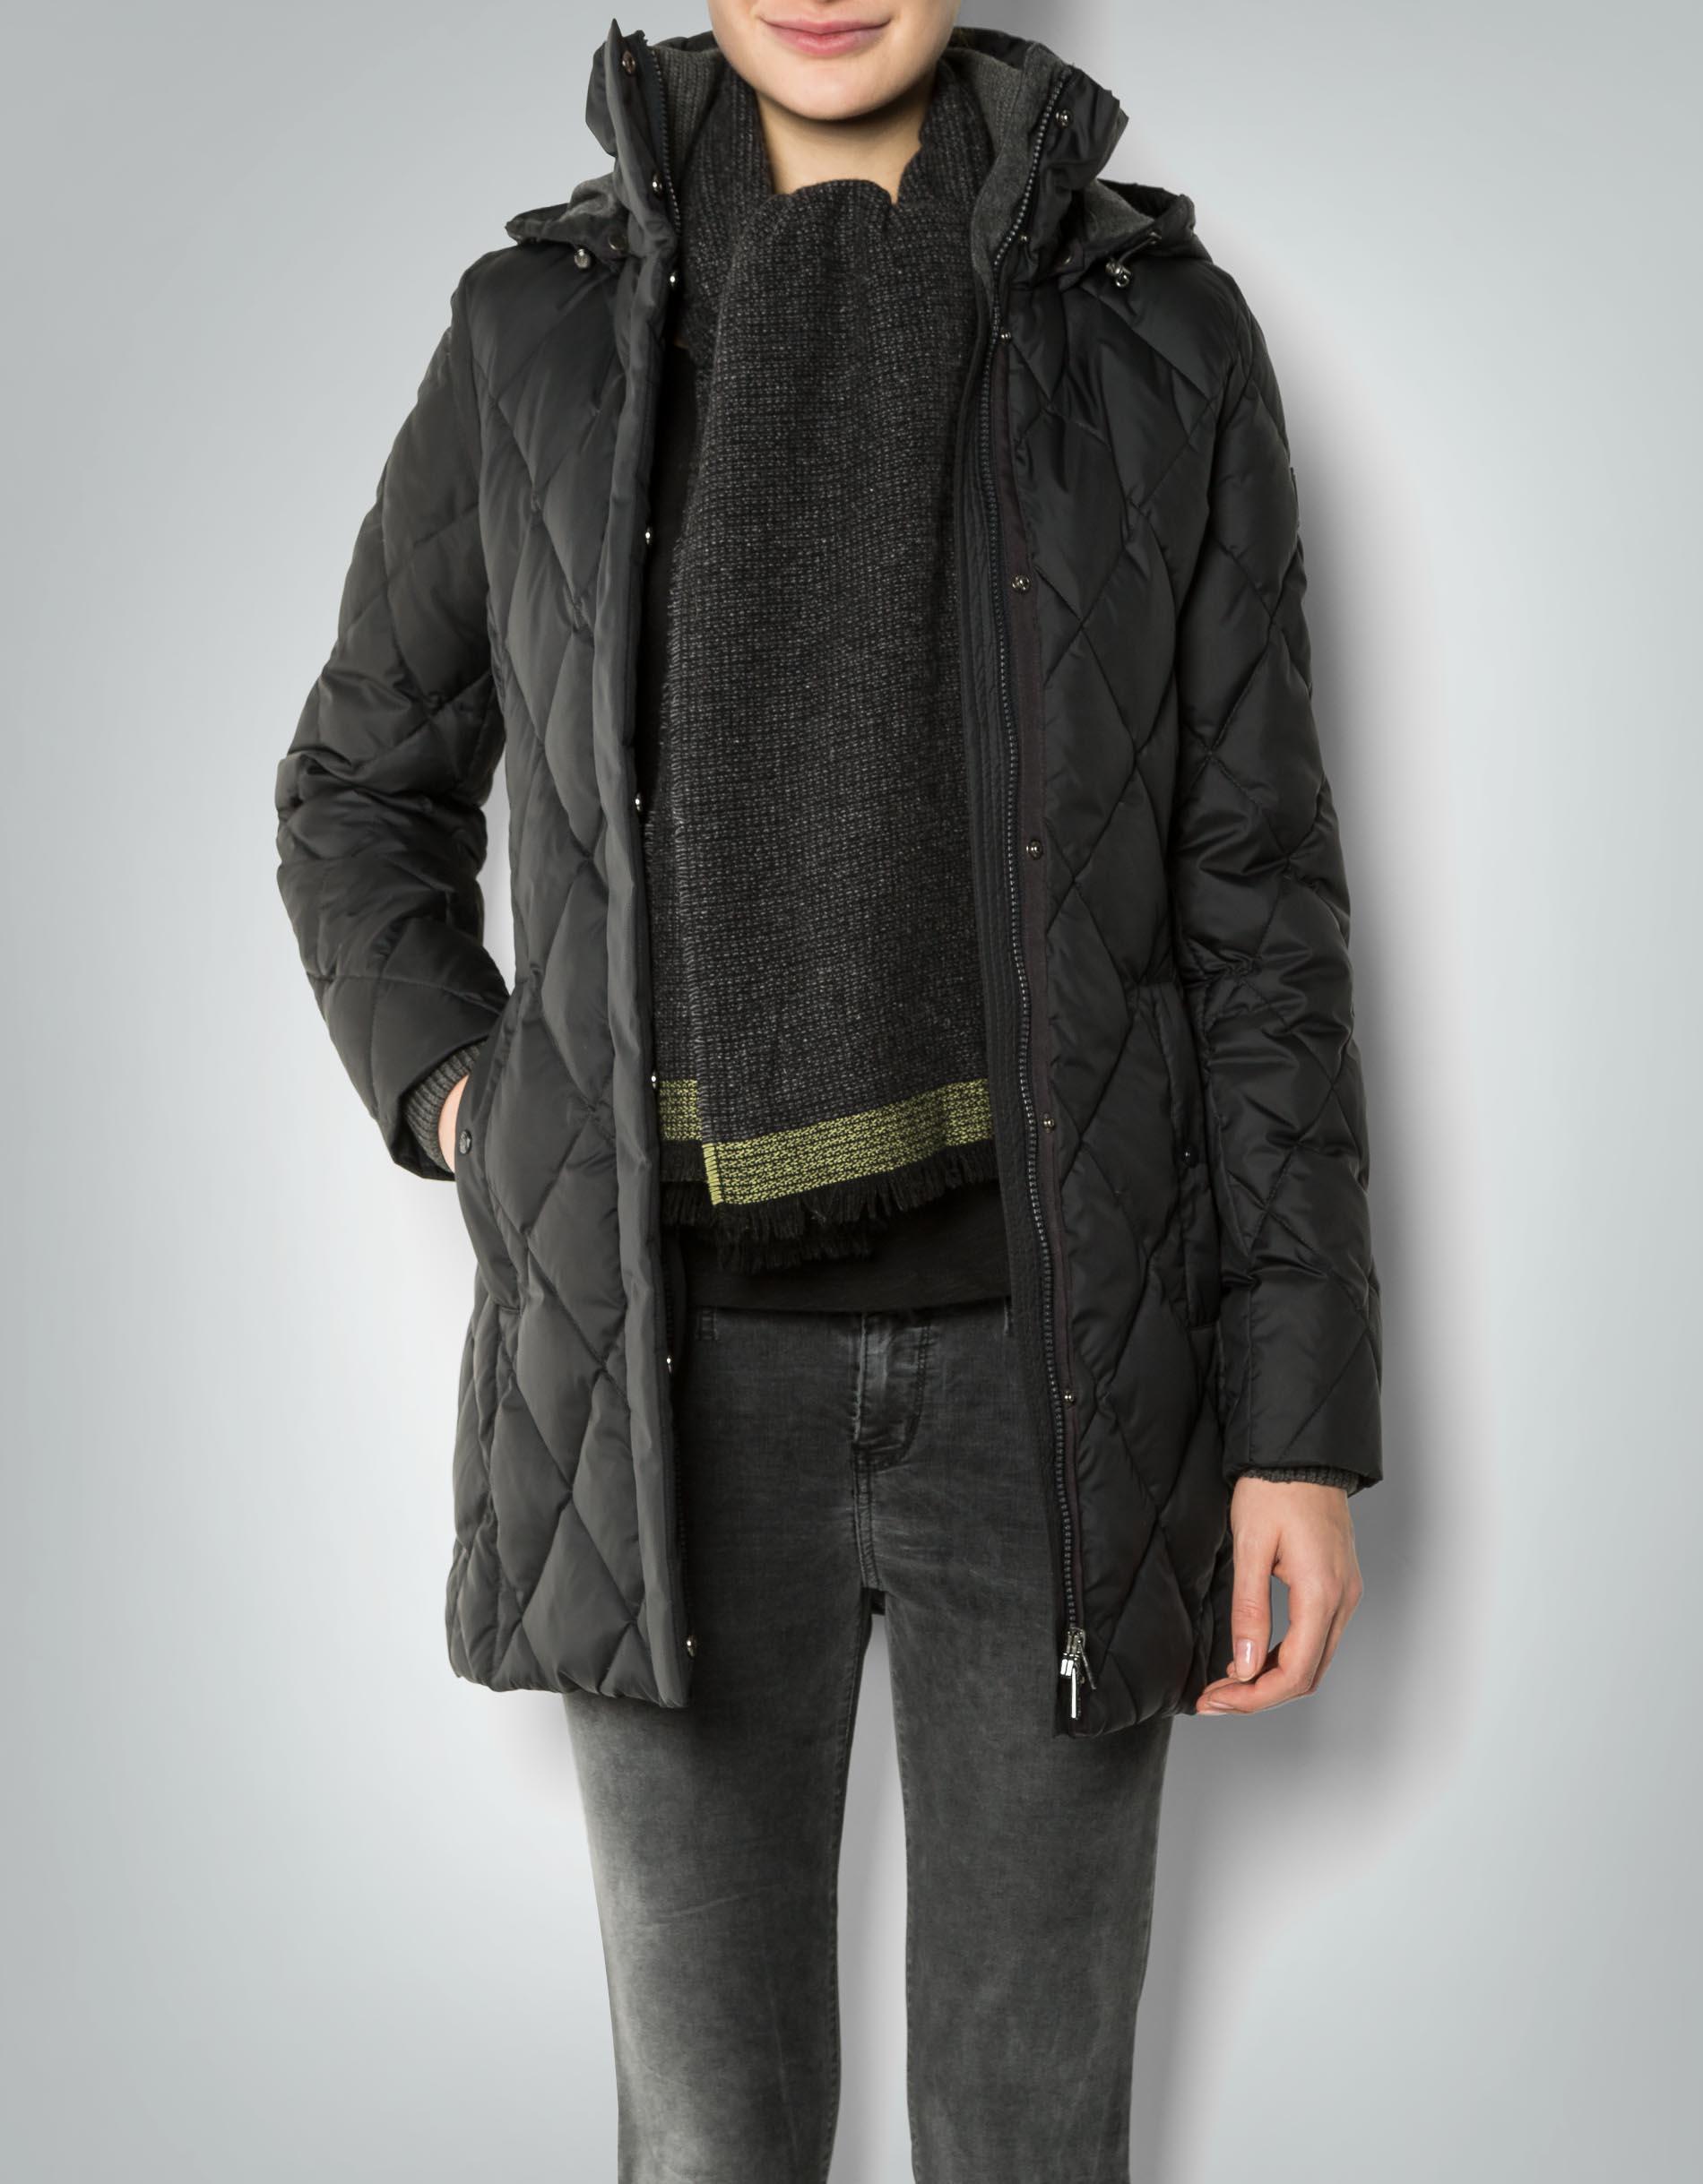 Marc O'Polo Damen Mantel Kapuzen mit abnehmbarem